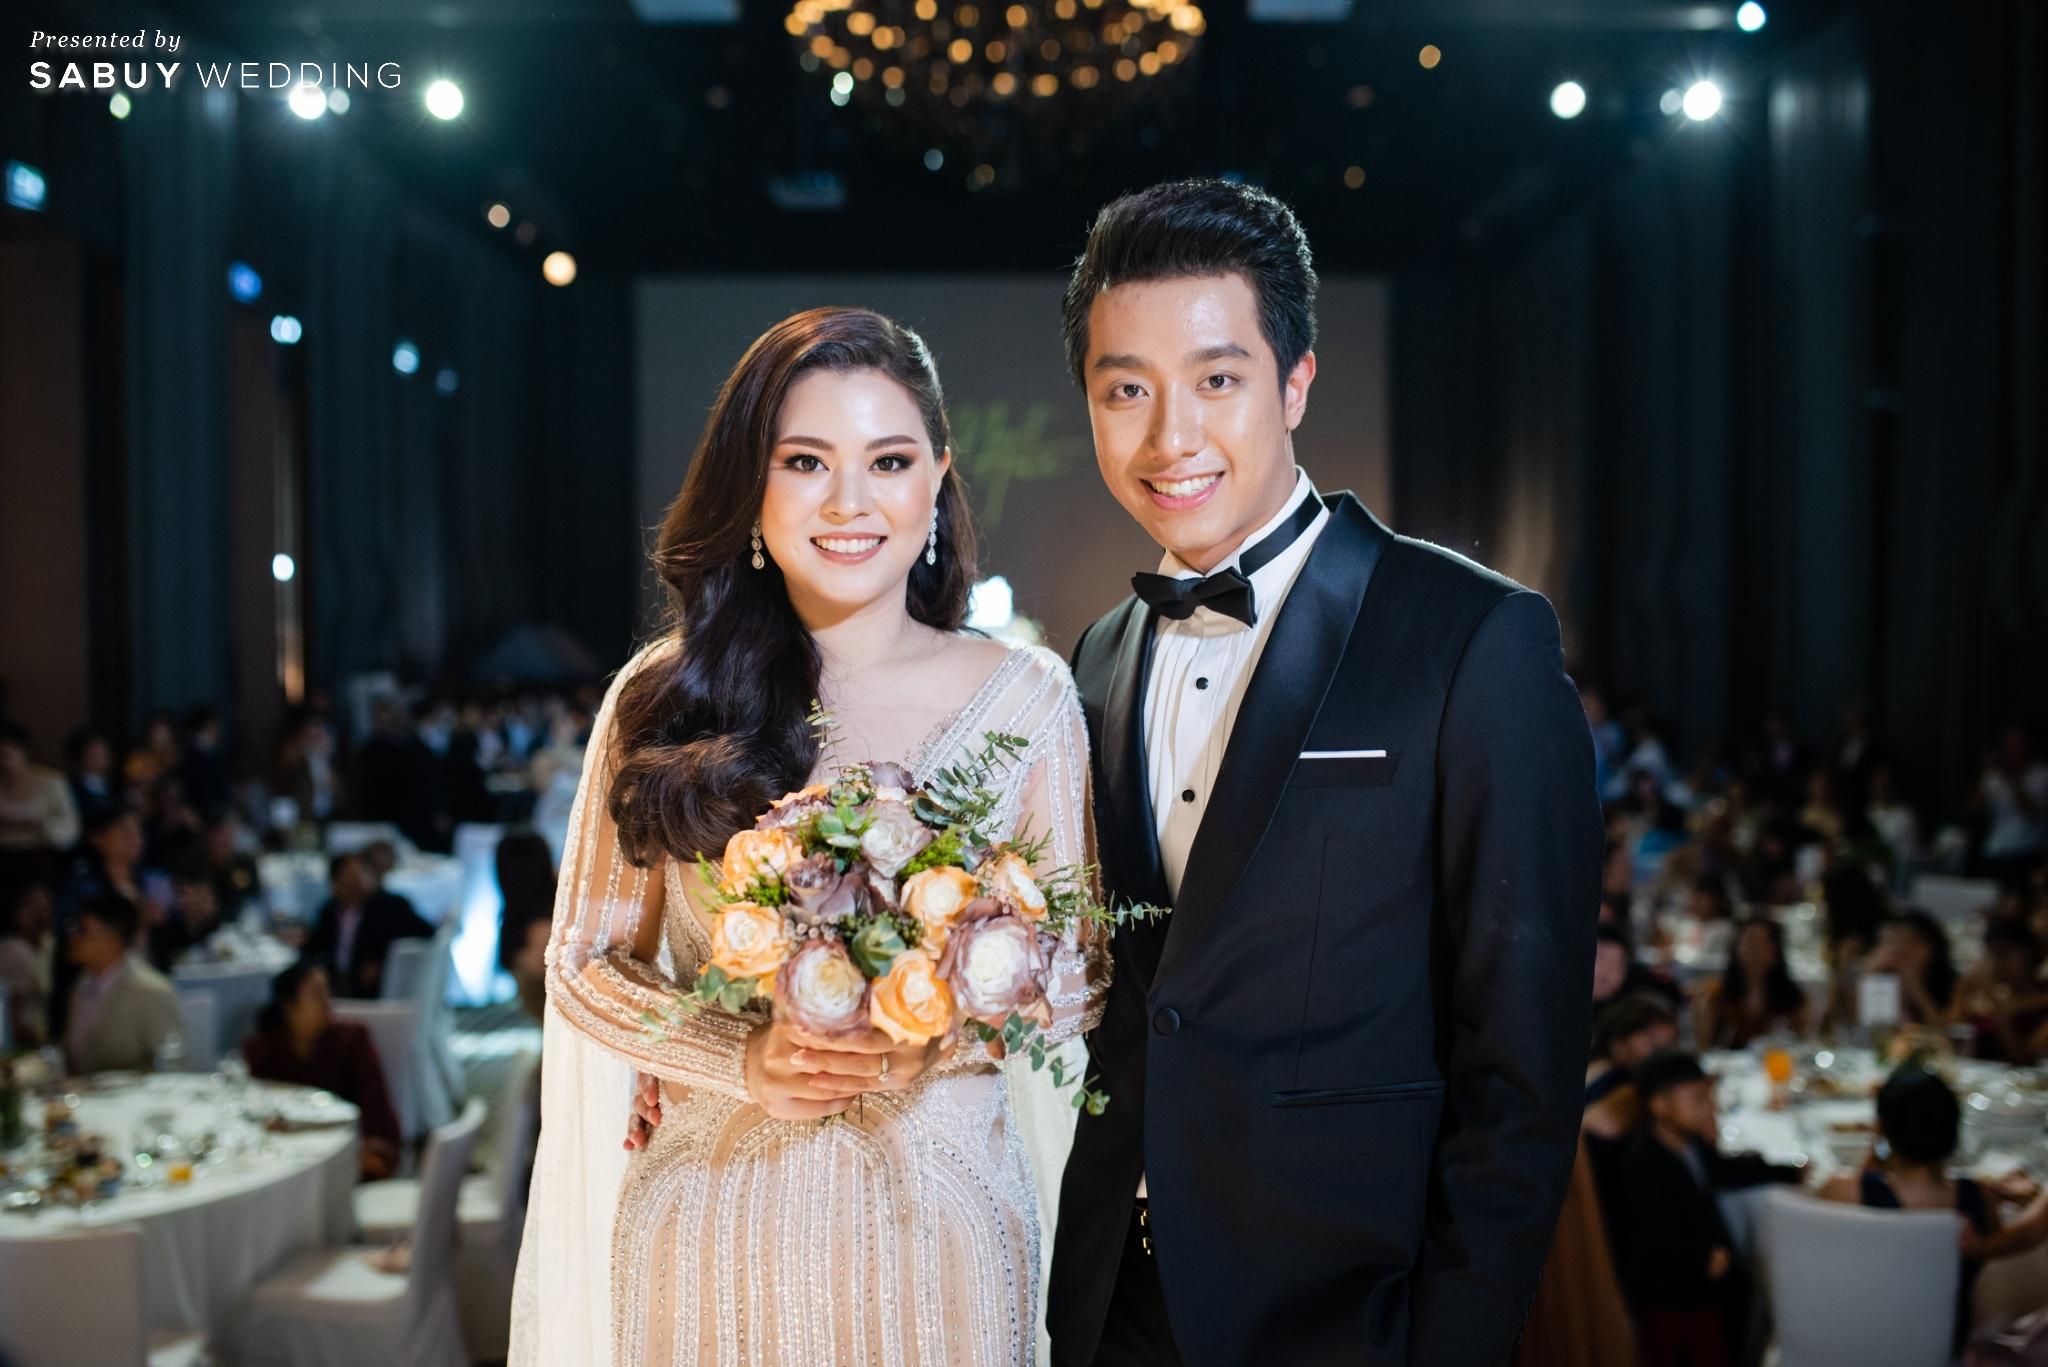 เจ้าบ่าว,เจ้าสาว,งานแต่งงาน,ดอกไม้เจ้าสาว รีวิวงานแต่งฟีล Luxury สวยดูดีด้วยโทนสีเบจ @ SO/ BANGKOK